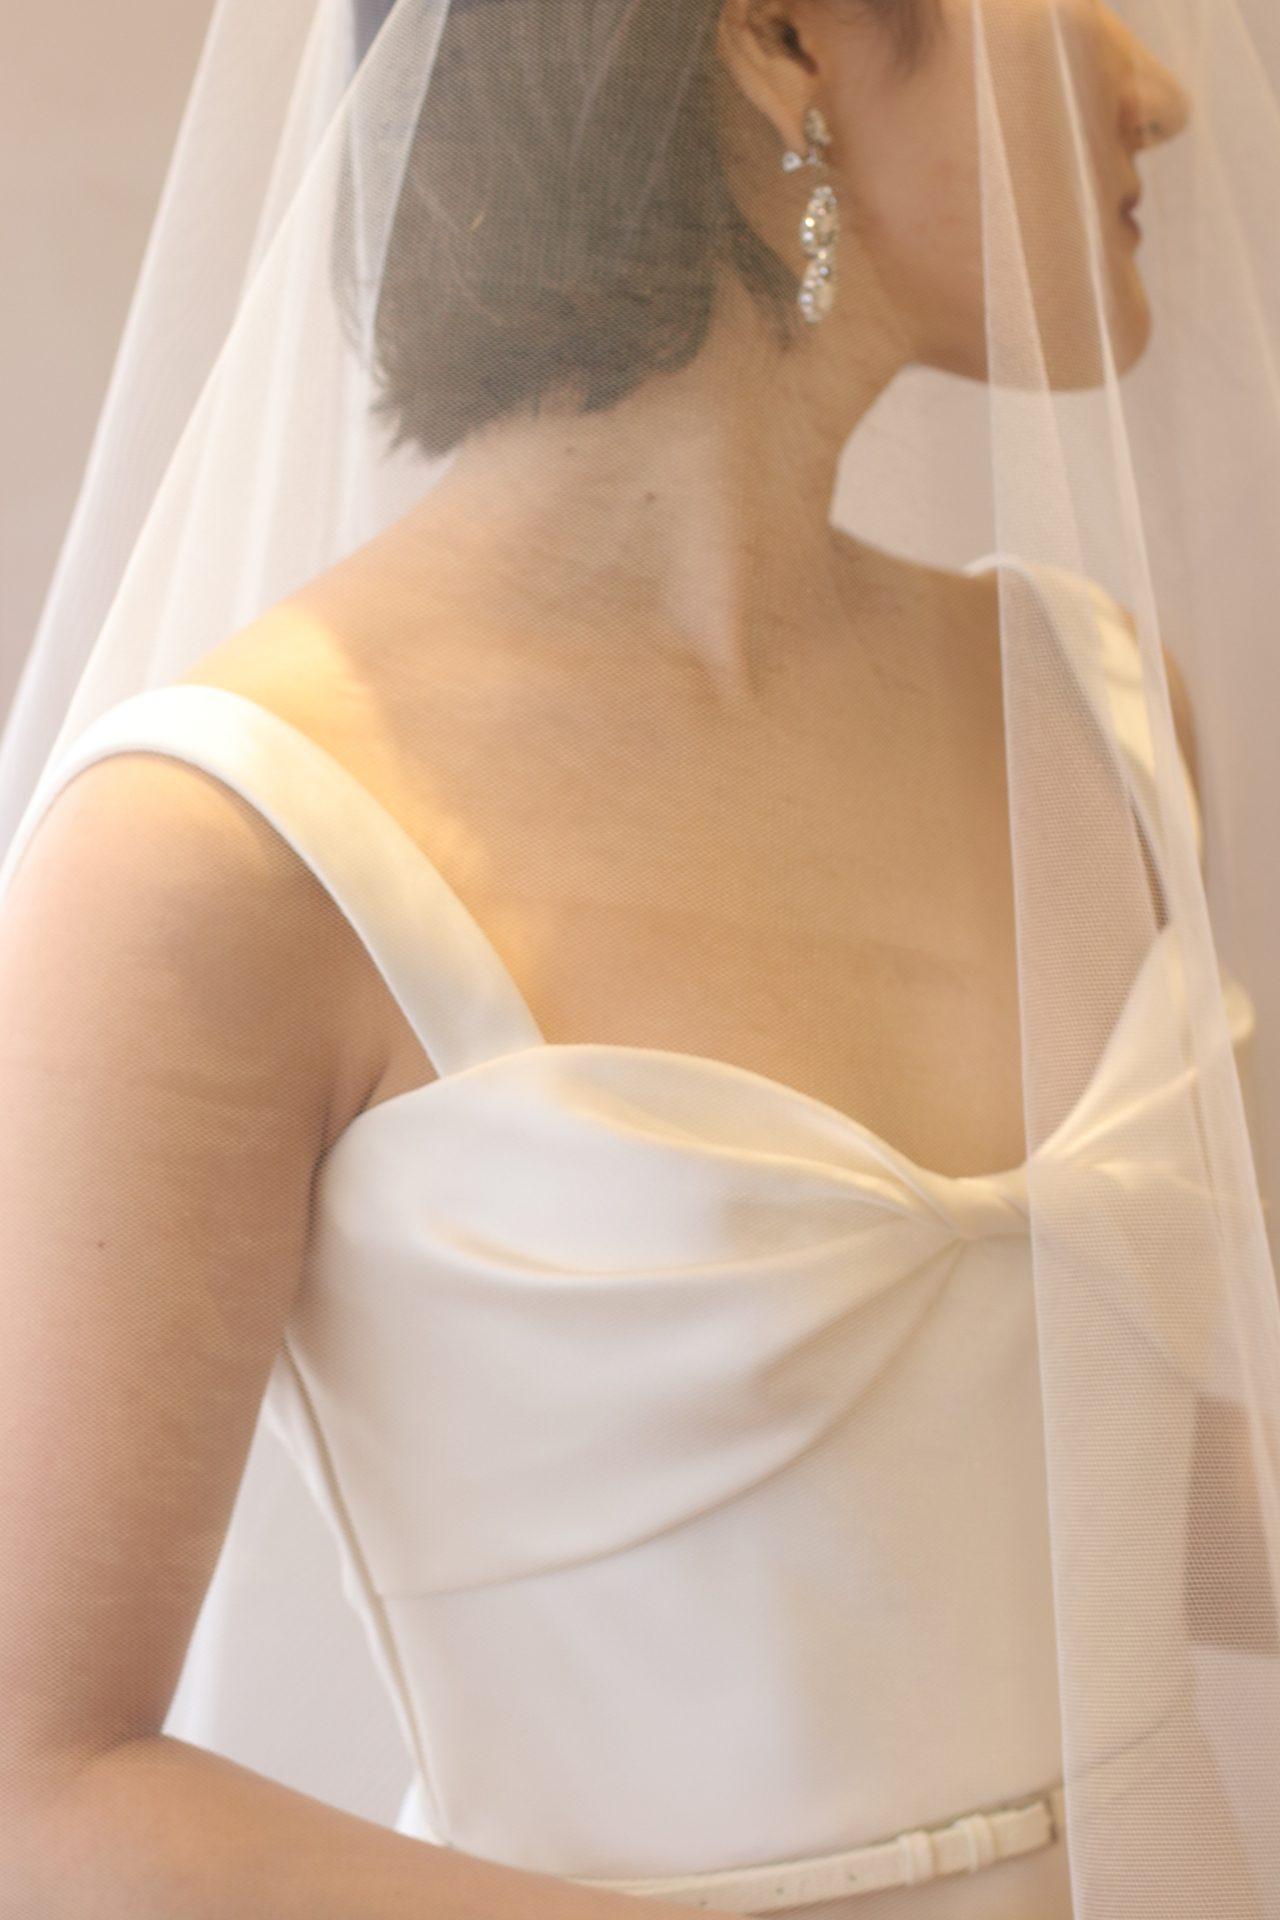 東京表参道にあるドレスショップ、ザ・トリート・ドレッシングではご結婚式には欠かせないアイテムとして刺繍やレースのオリジナルベールや透明感のある無地ベールまで数多く取り揃えており、会場や季節に合わせてご提案しております